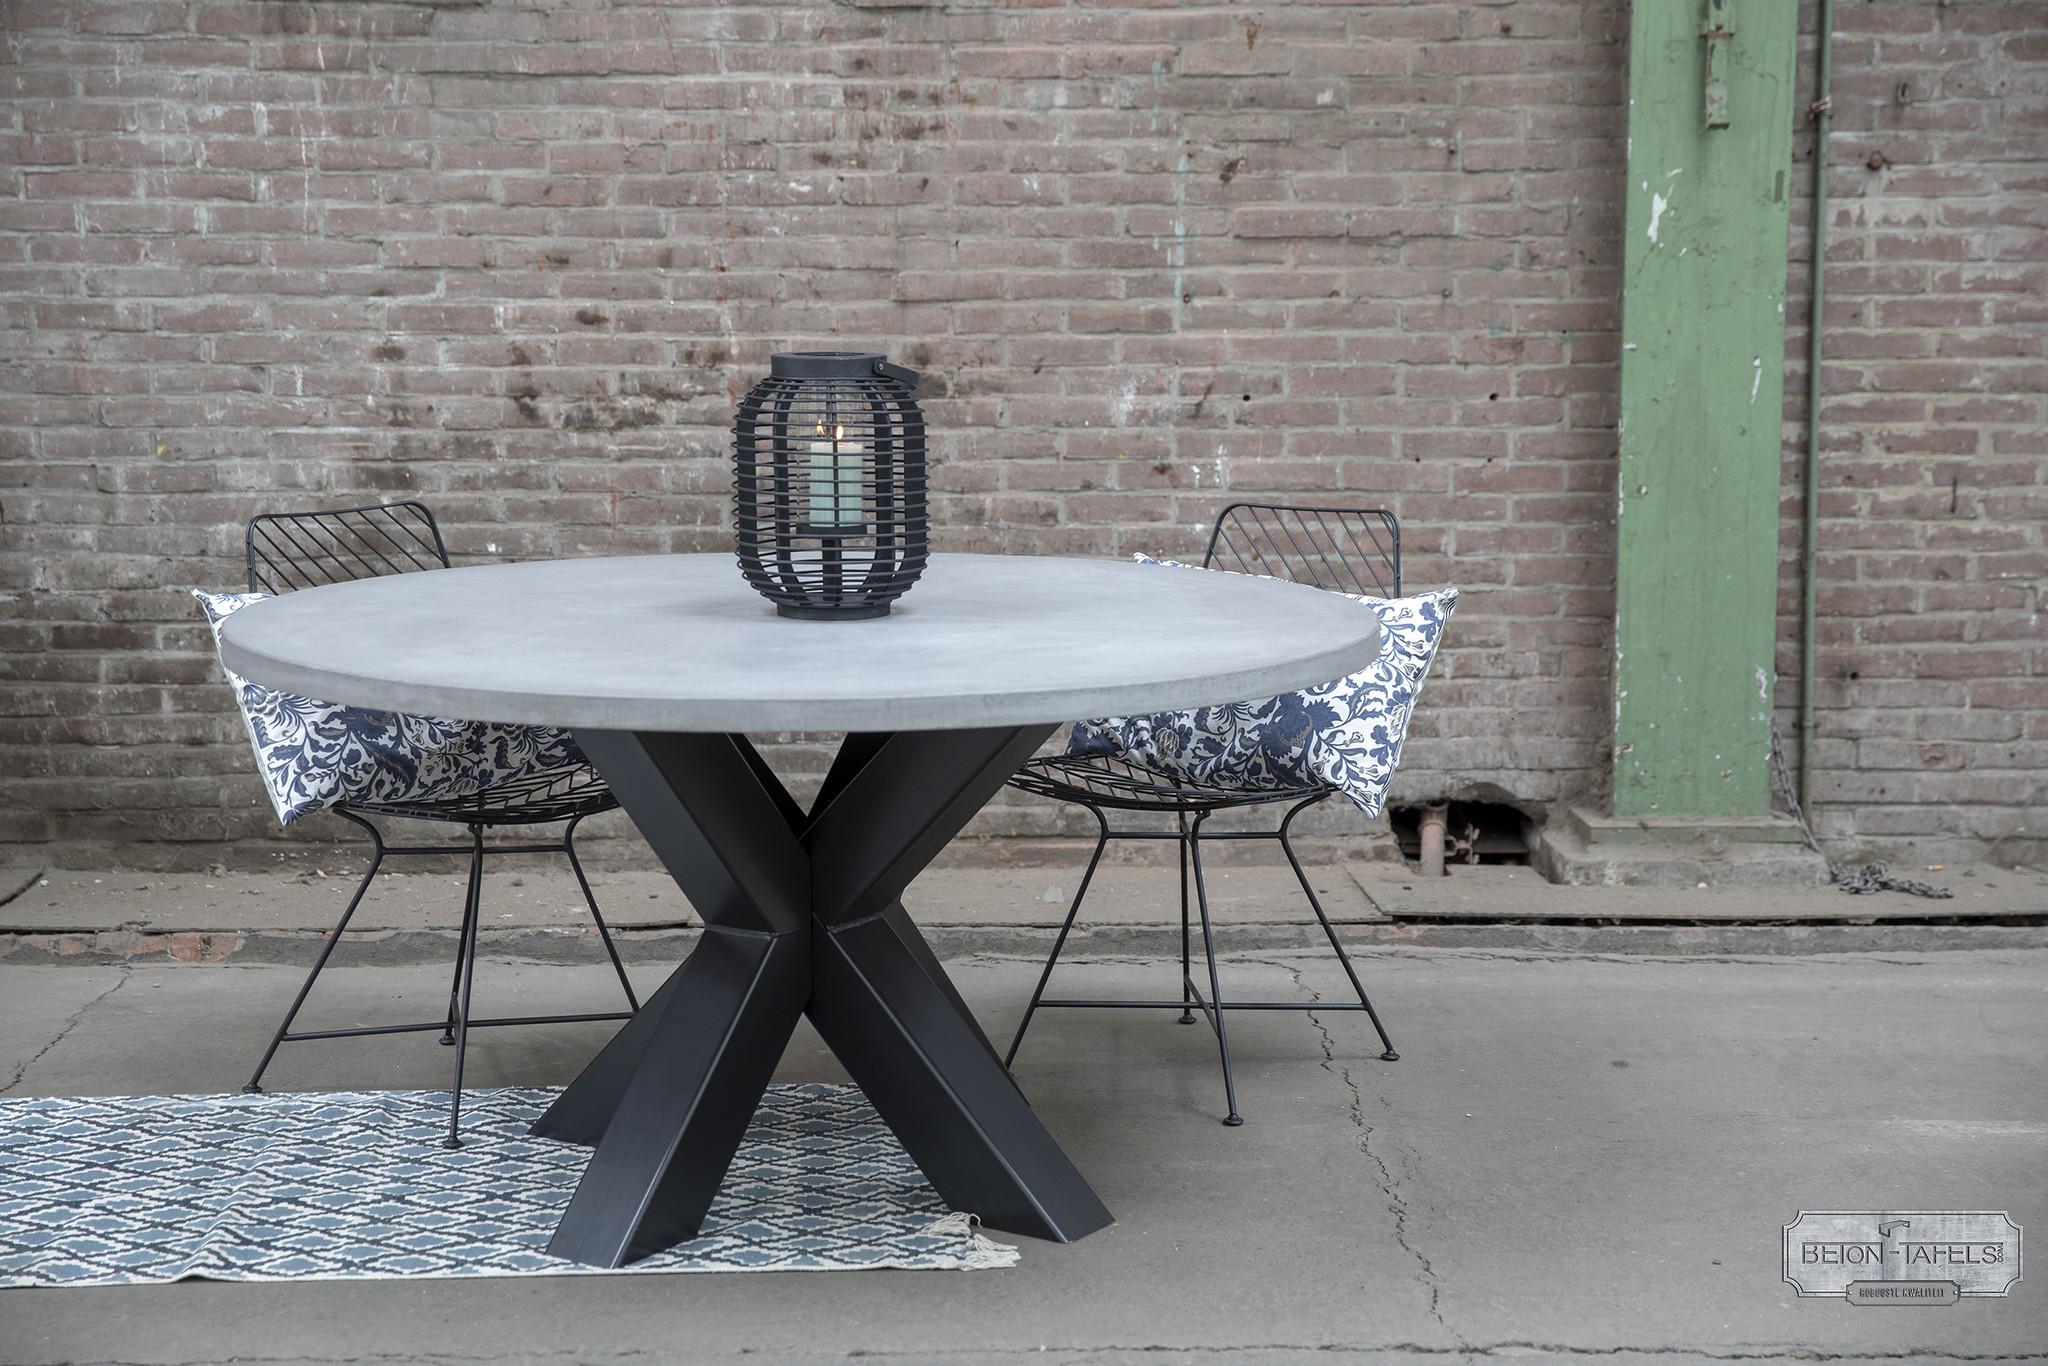 Ronde betonnen tafel met zware stalen dubbele kruis  poot